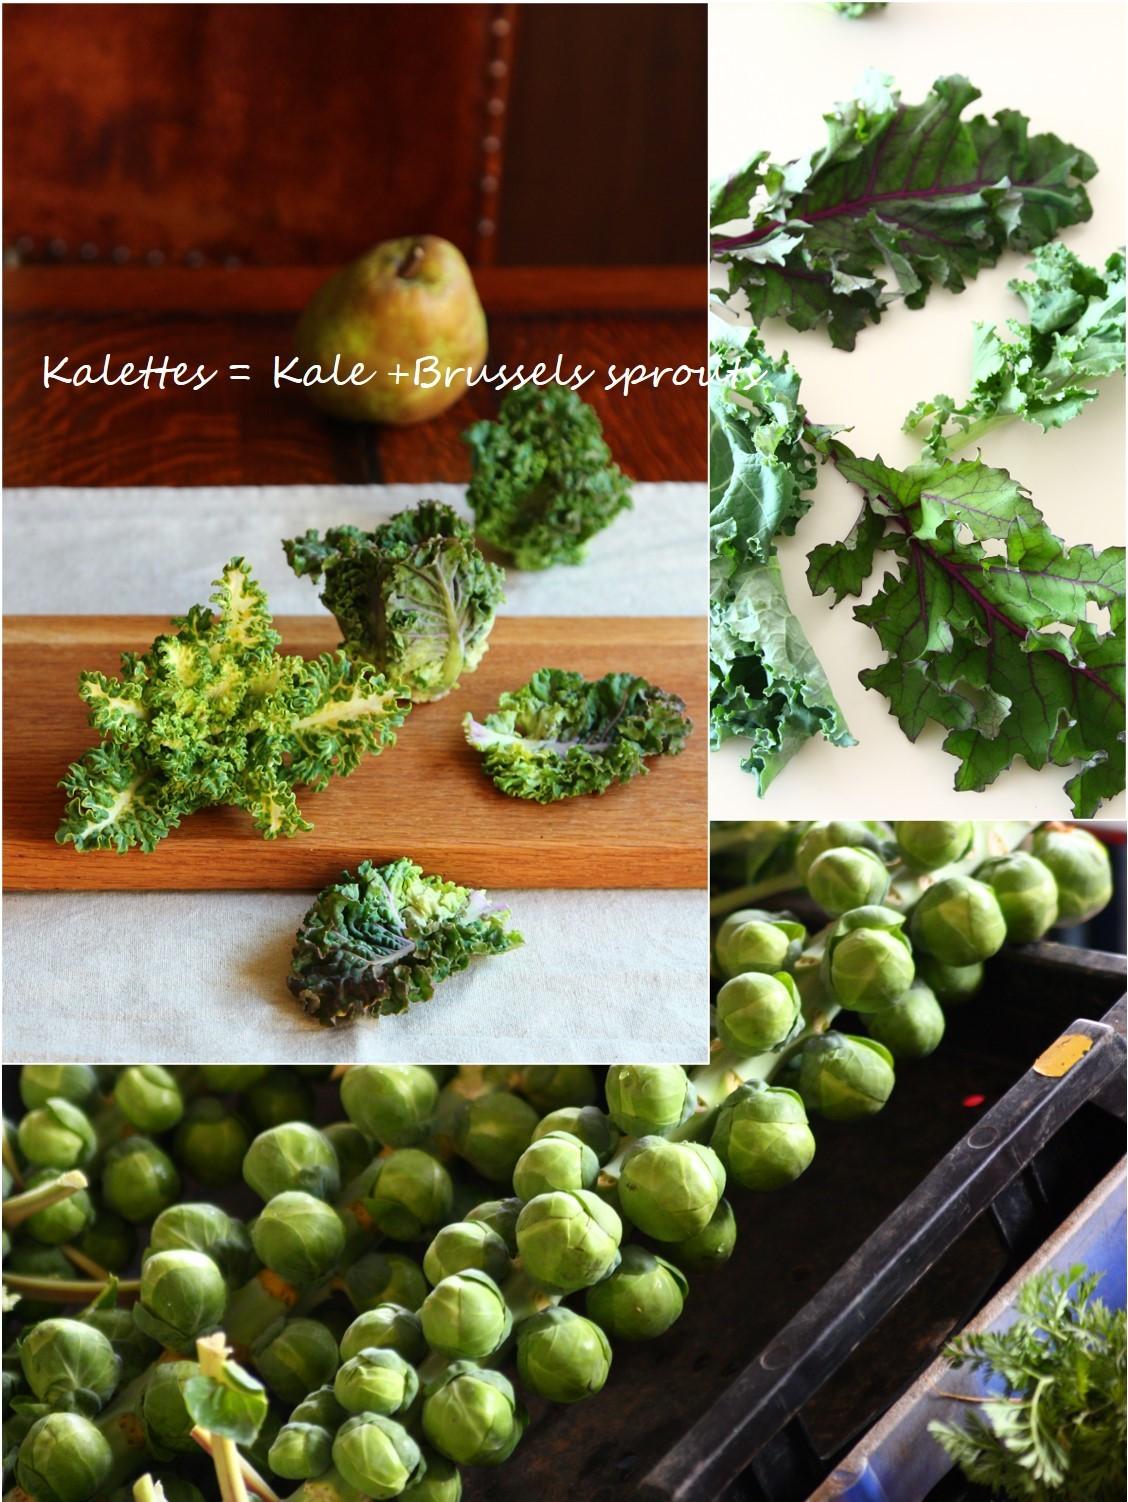 お野菜料理_a0107981_13183258.jpg